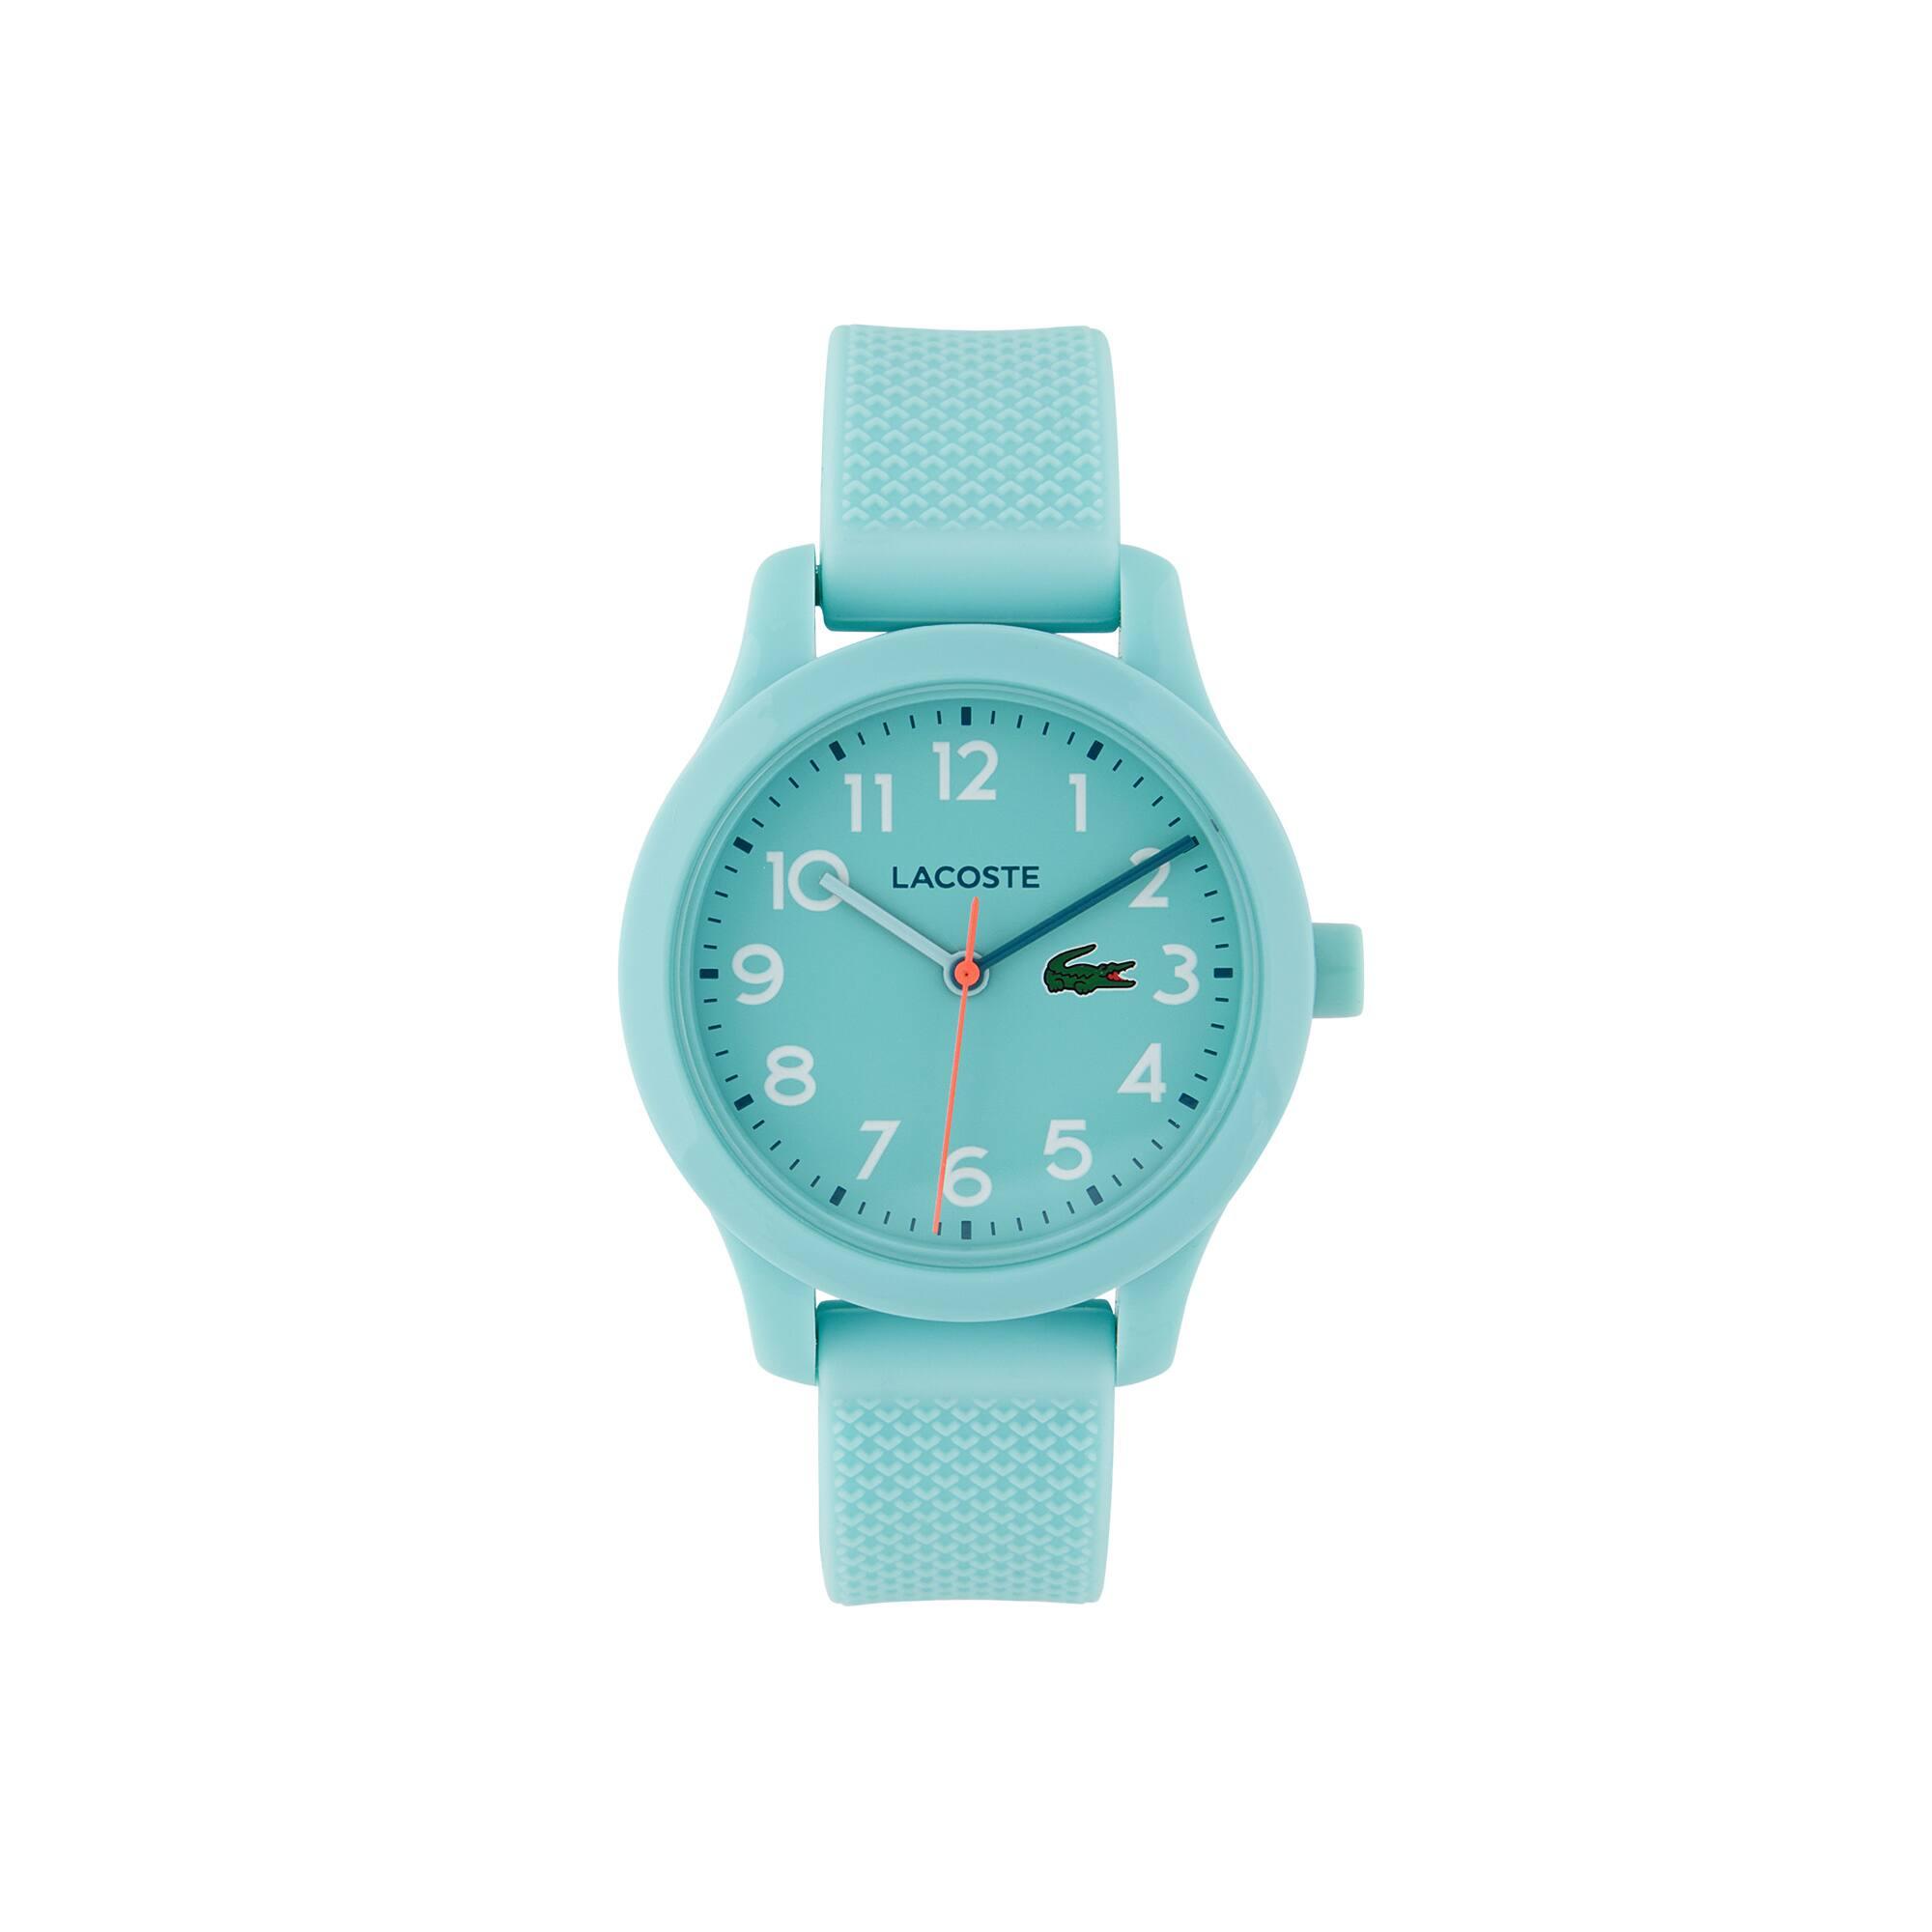 Montre Lacoste 12.12 Enfant avec Bracelet en Silicone Turquoise